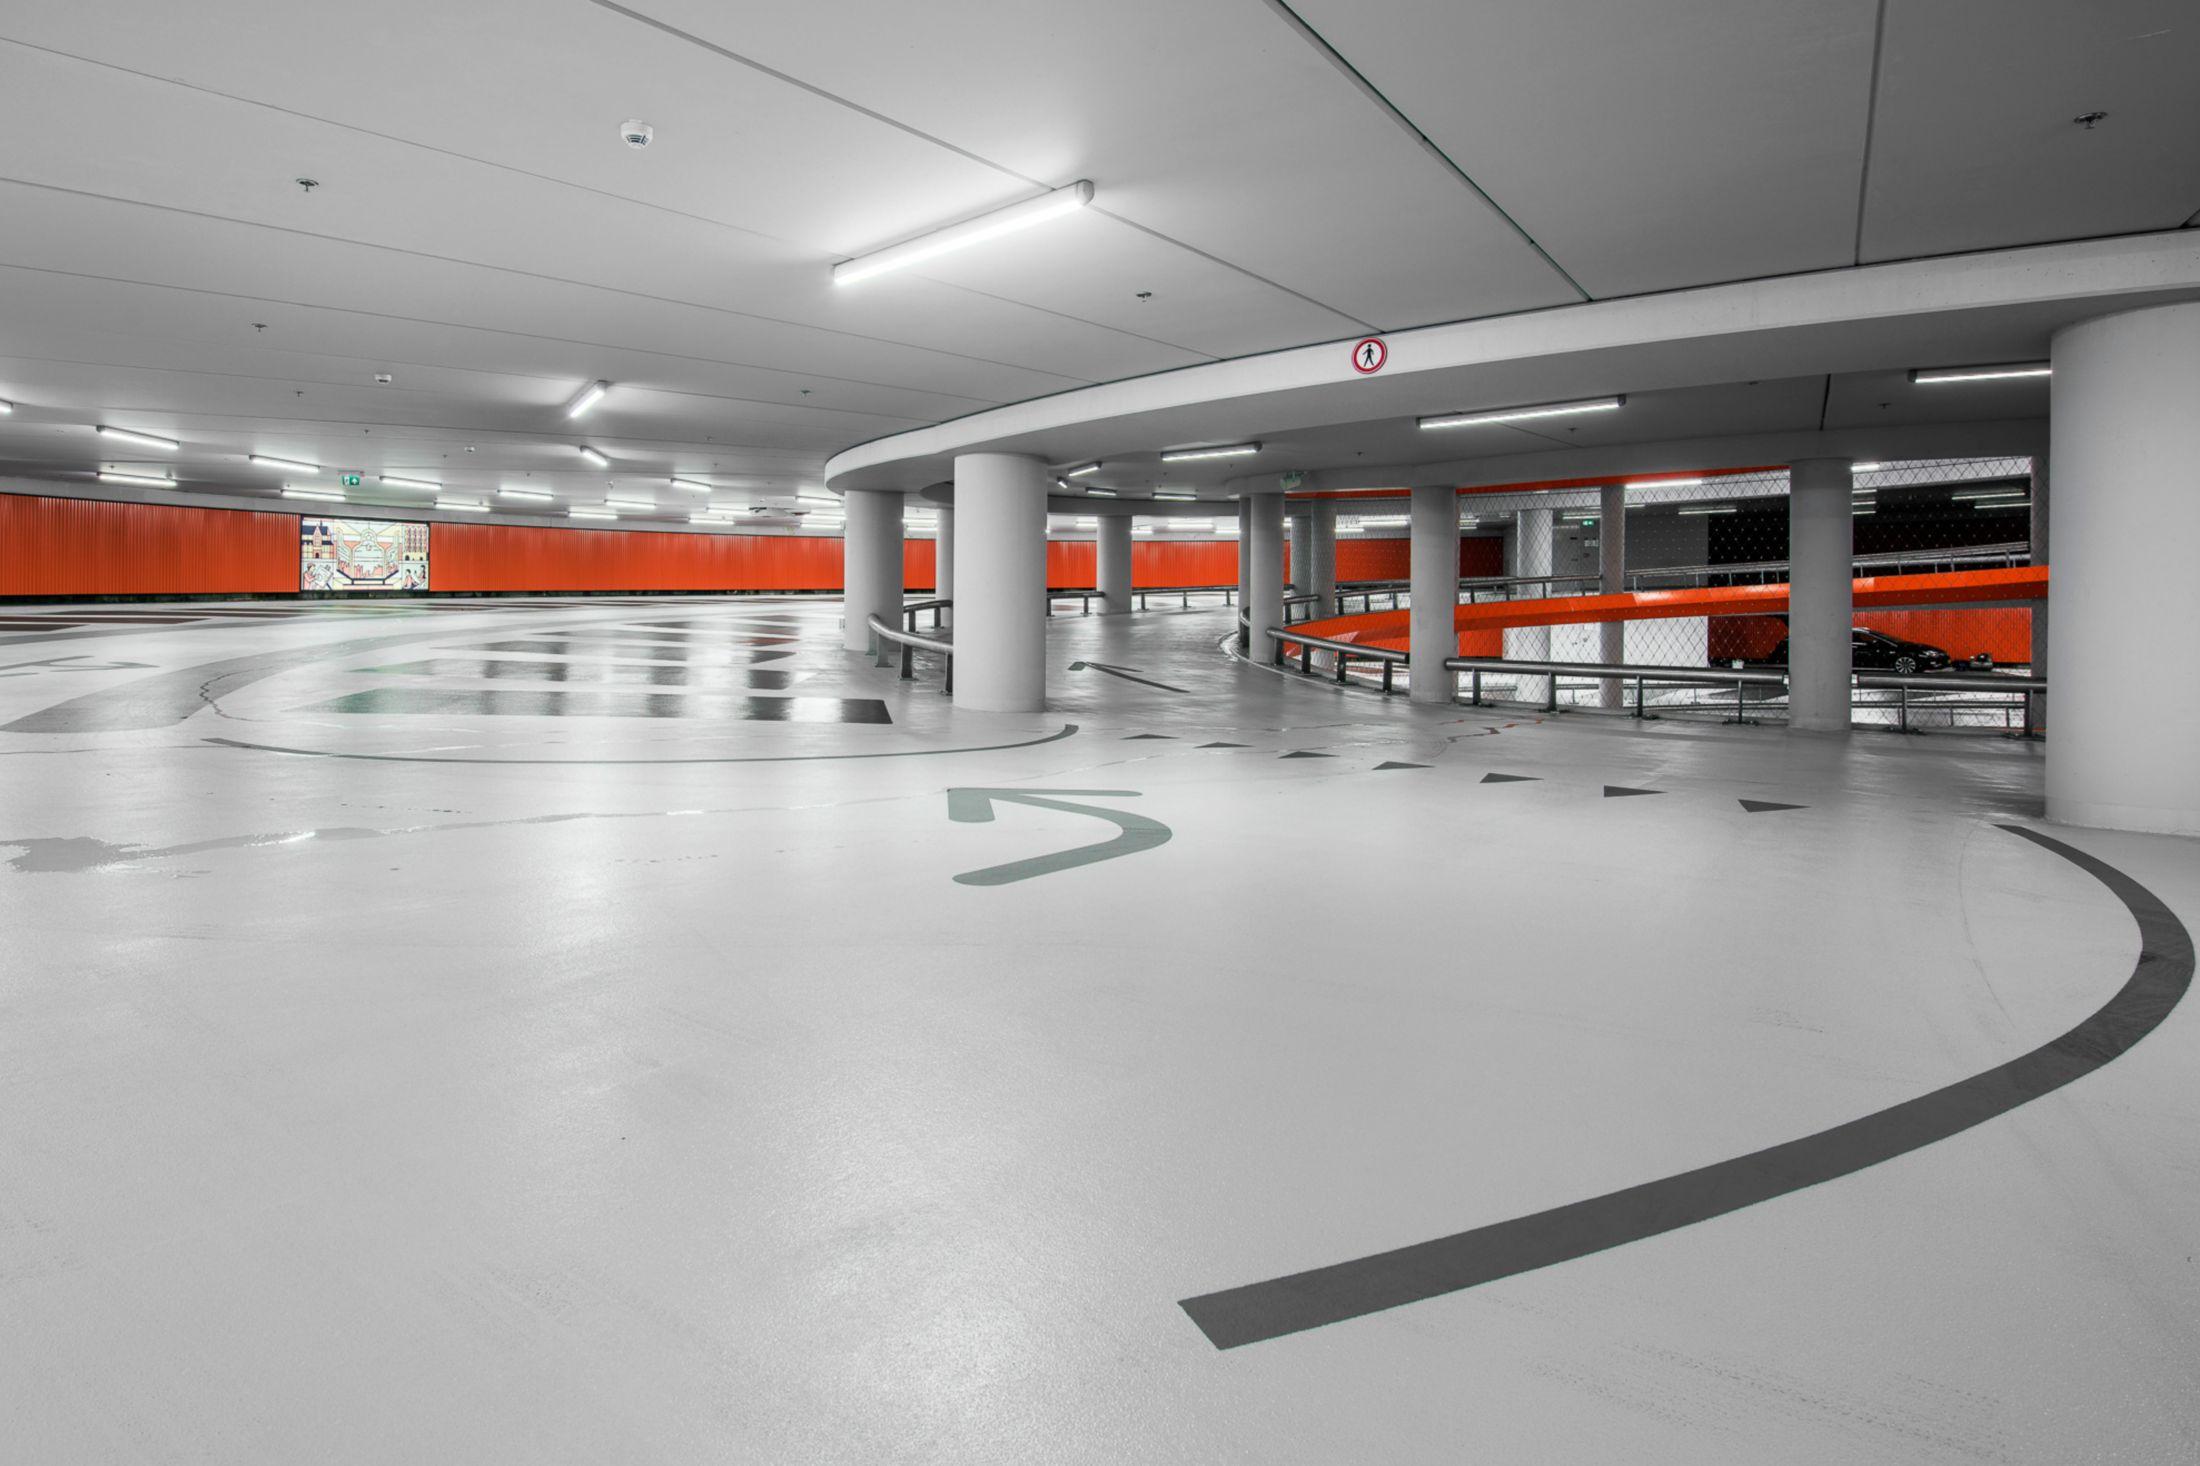 Sika flooring system in parking garage Lammermarkt in Leiden Netherlands